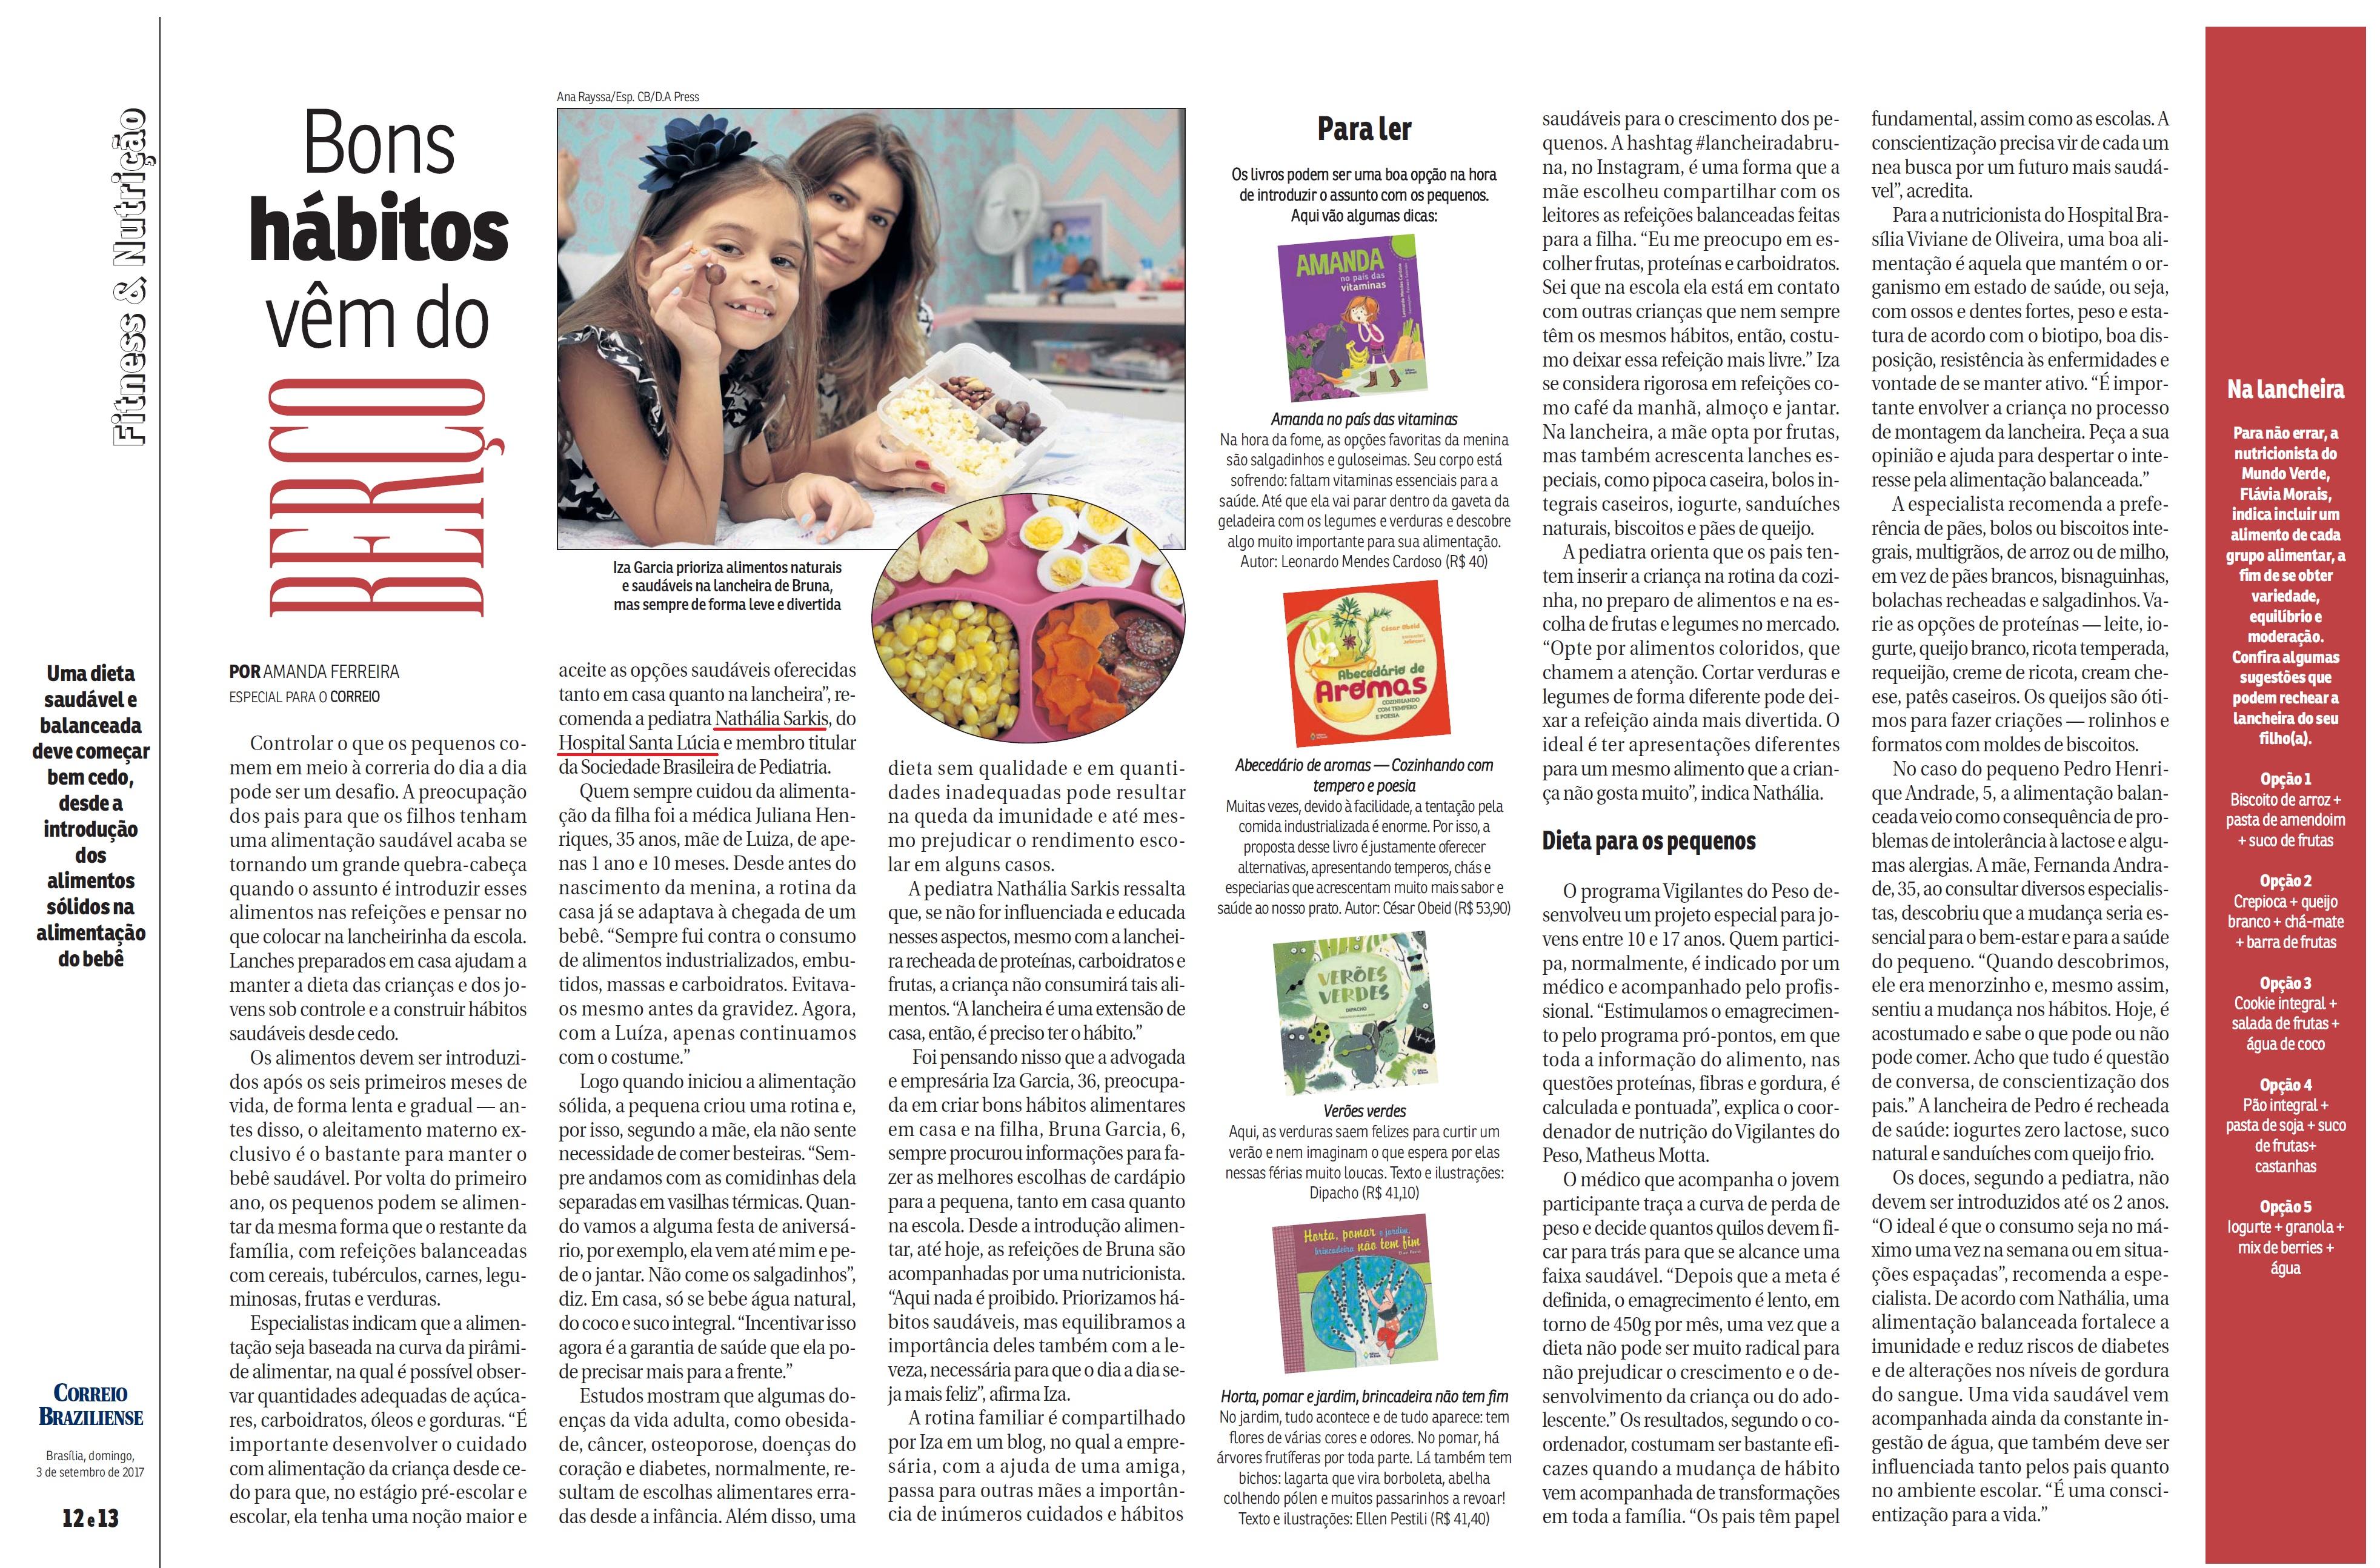 Revista do Correio - Dra. Nathália Sarkis HSL - 03-09-2017